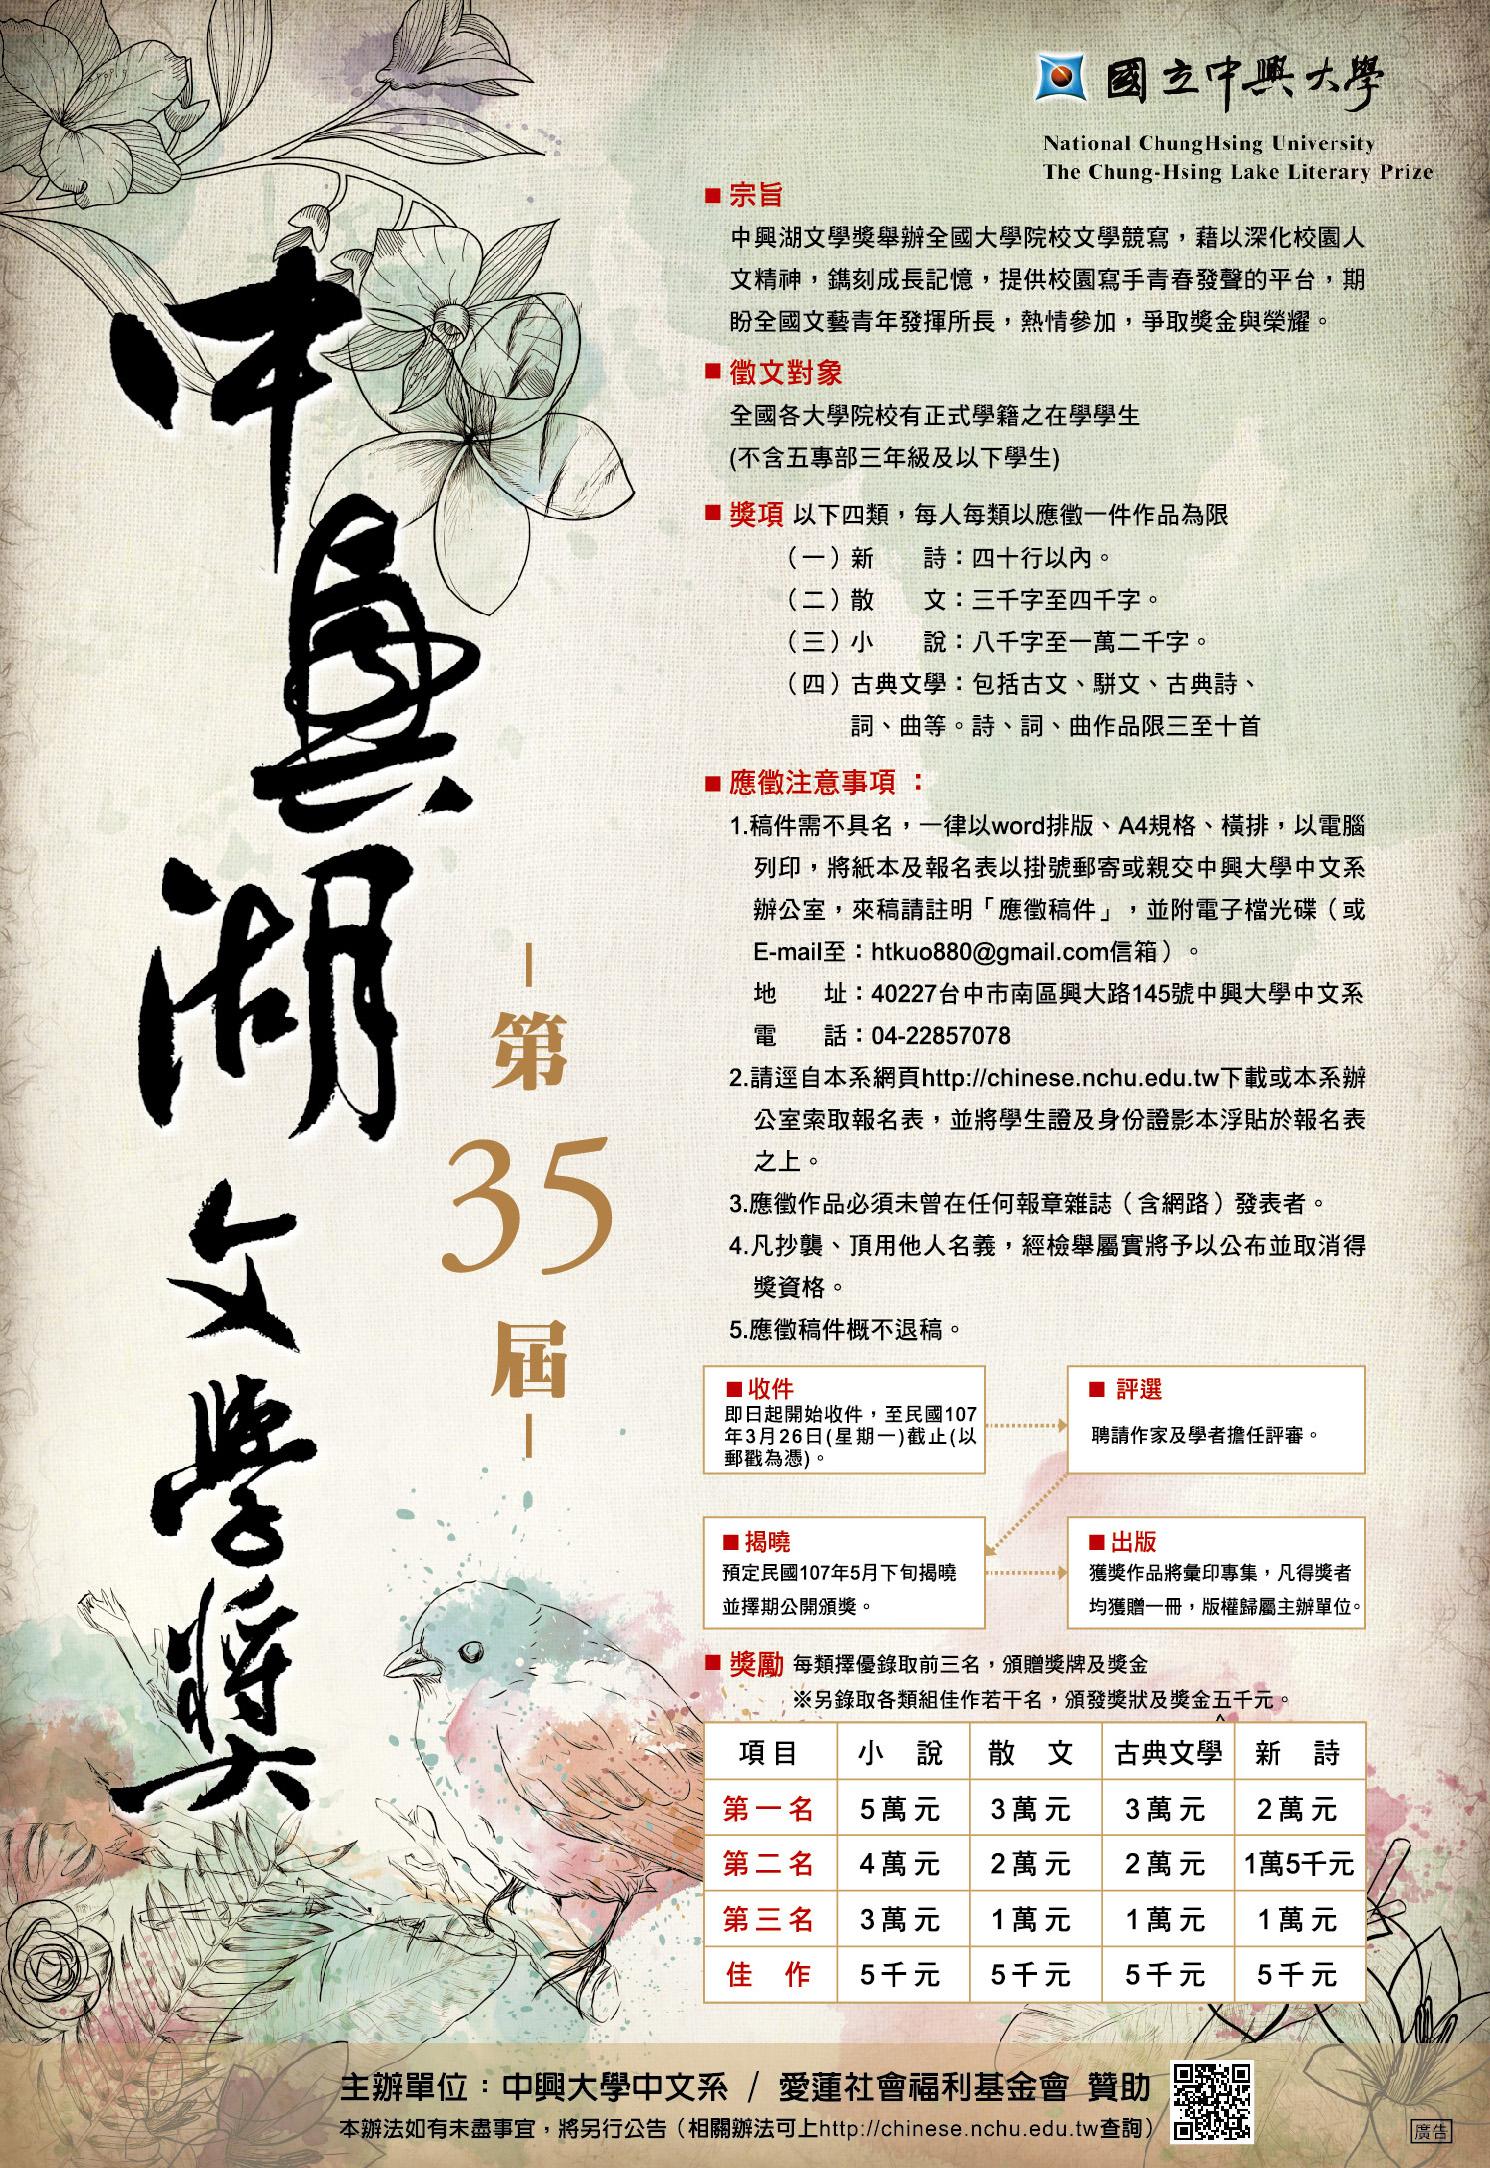 國立中興大學第35屆中興湖文學獎全國徵文比賽-海報